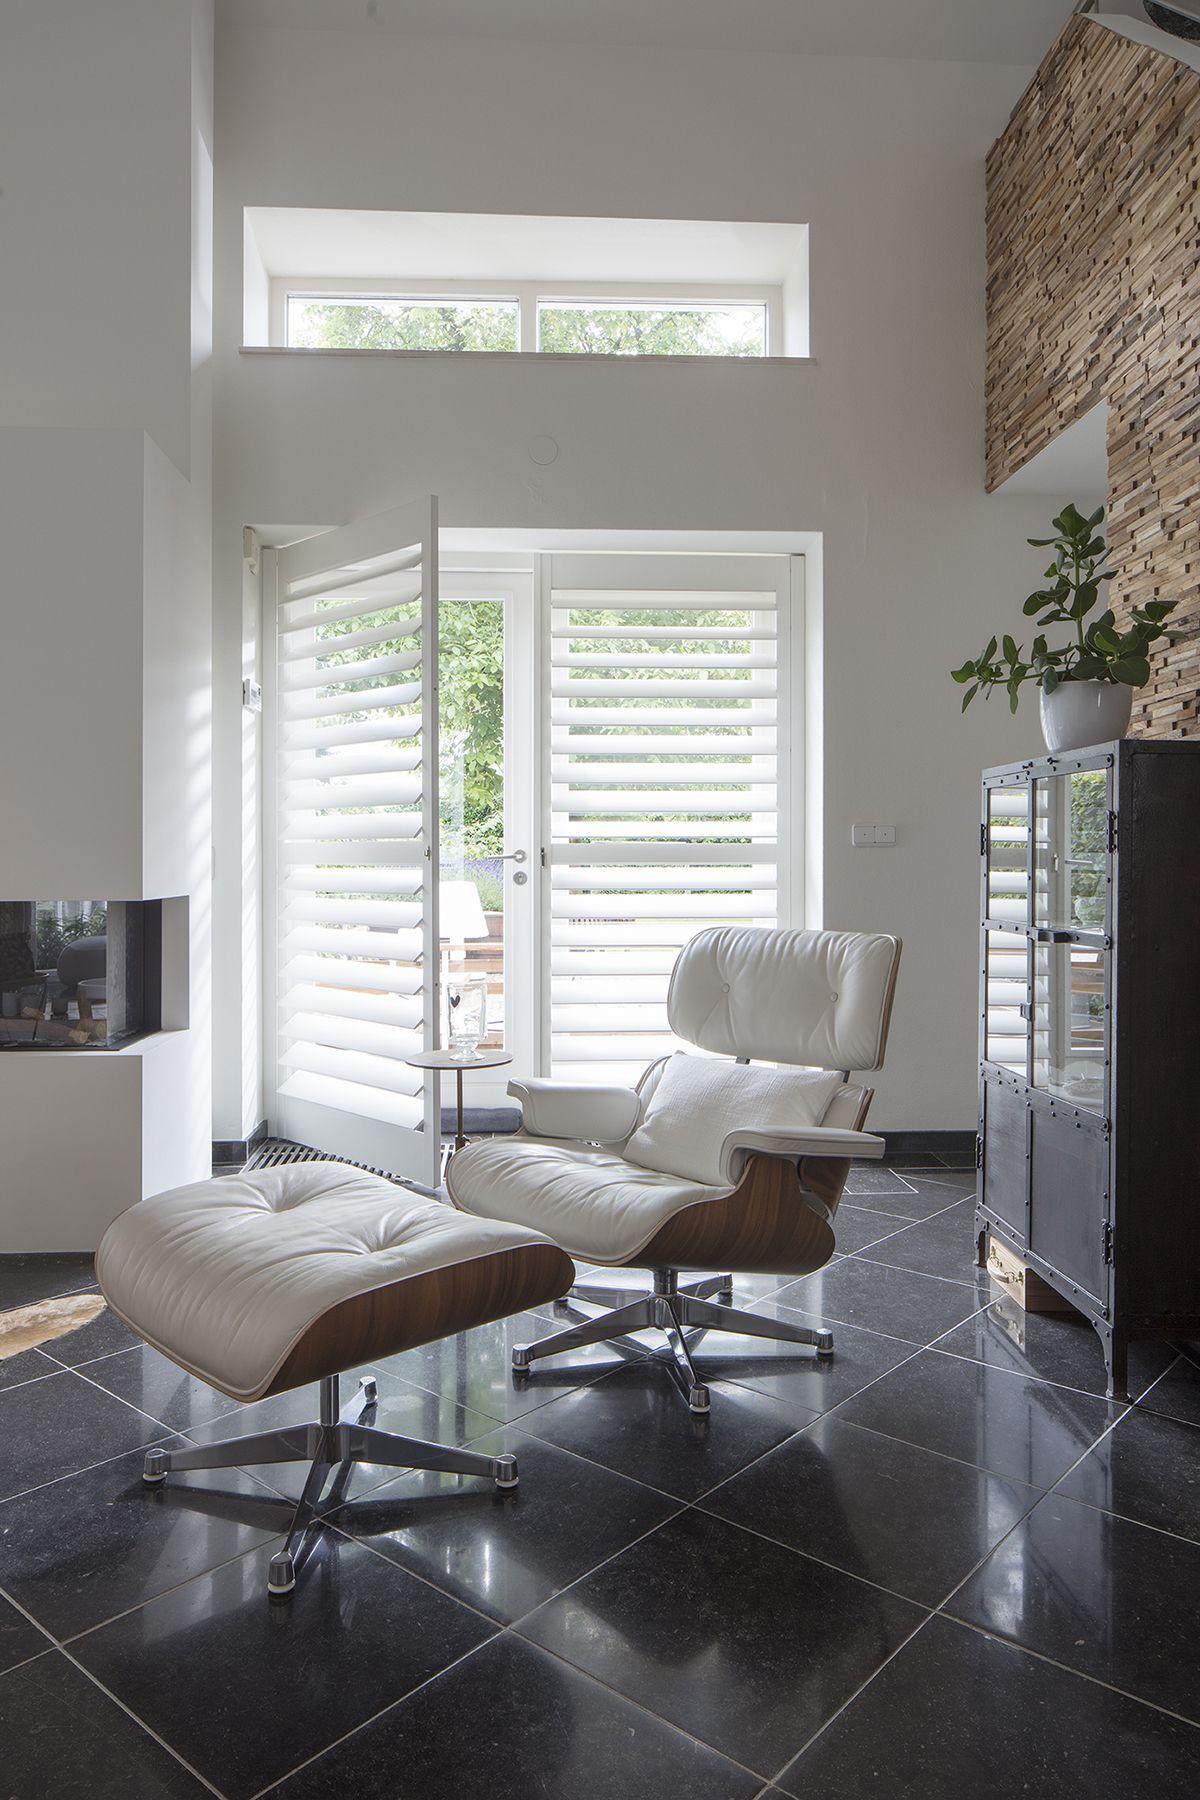 Jasno Moderne Boerderij Meubel Ideeen Raamdecoratie Thuisdecoratie